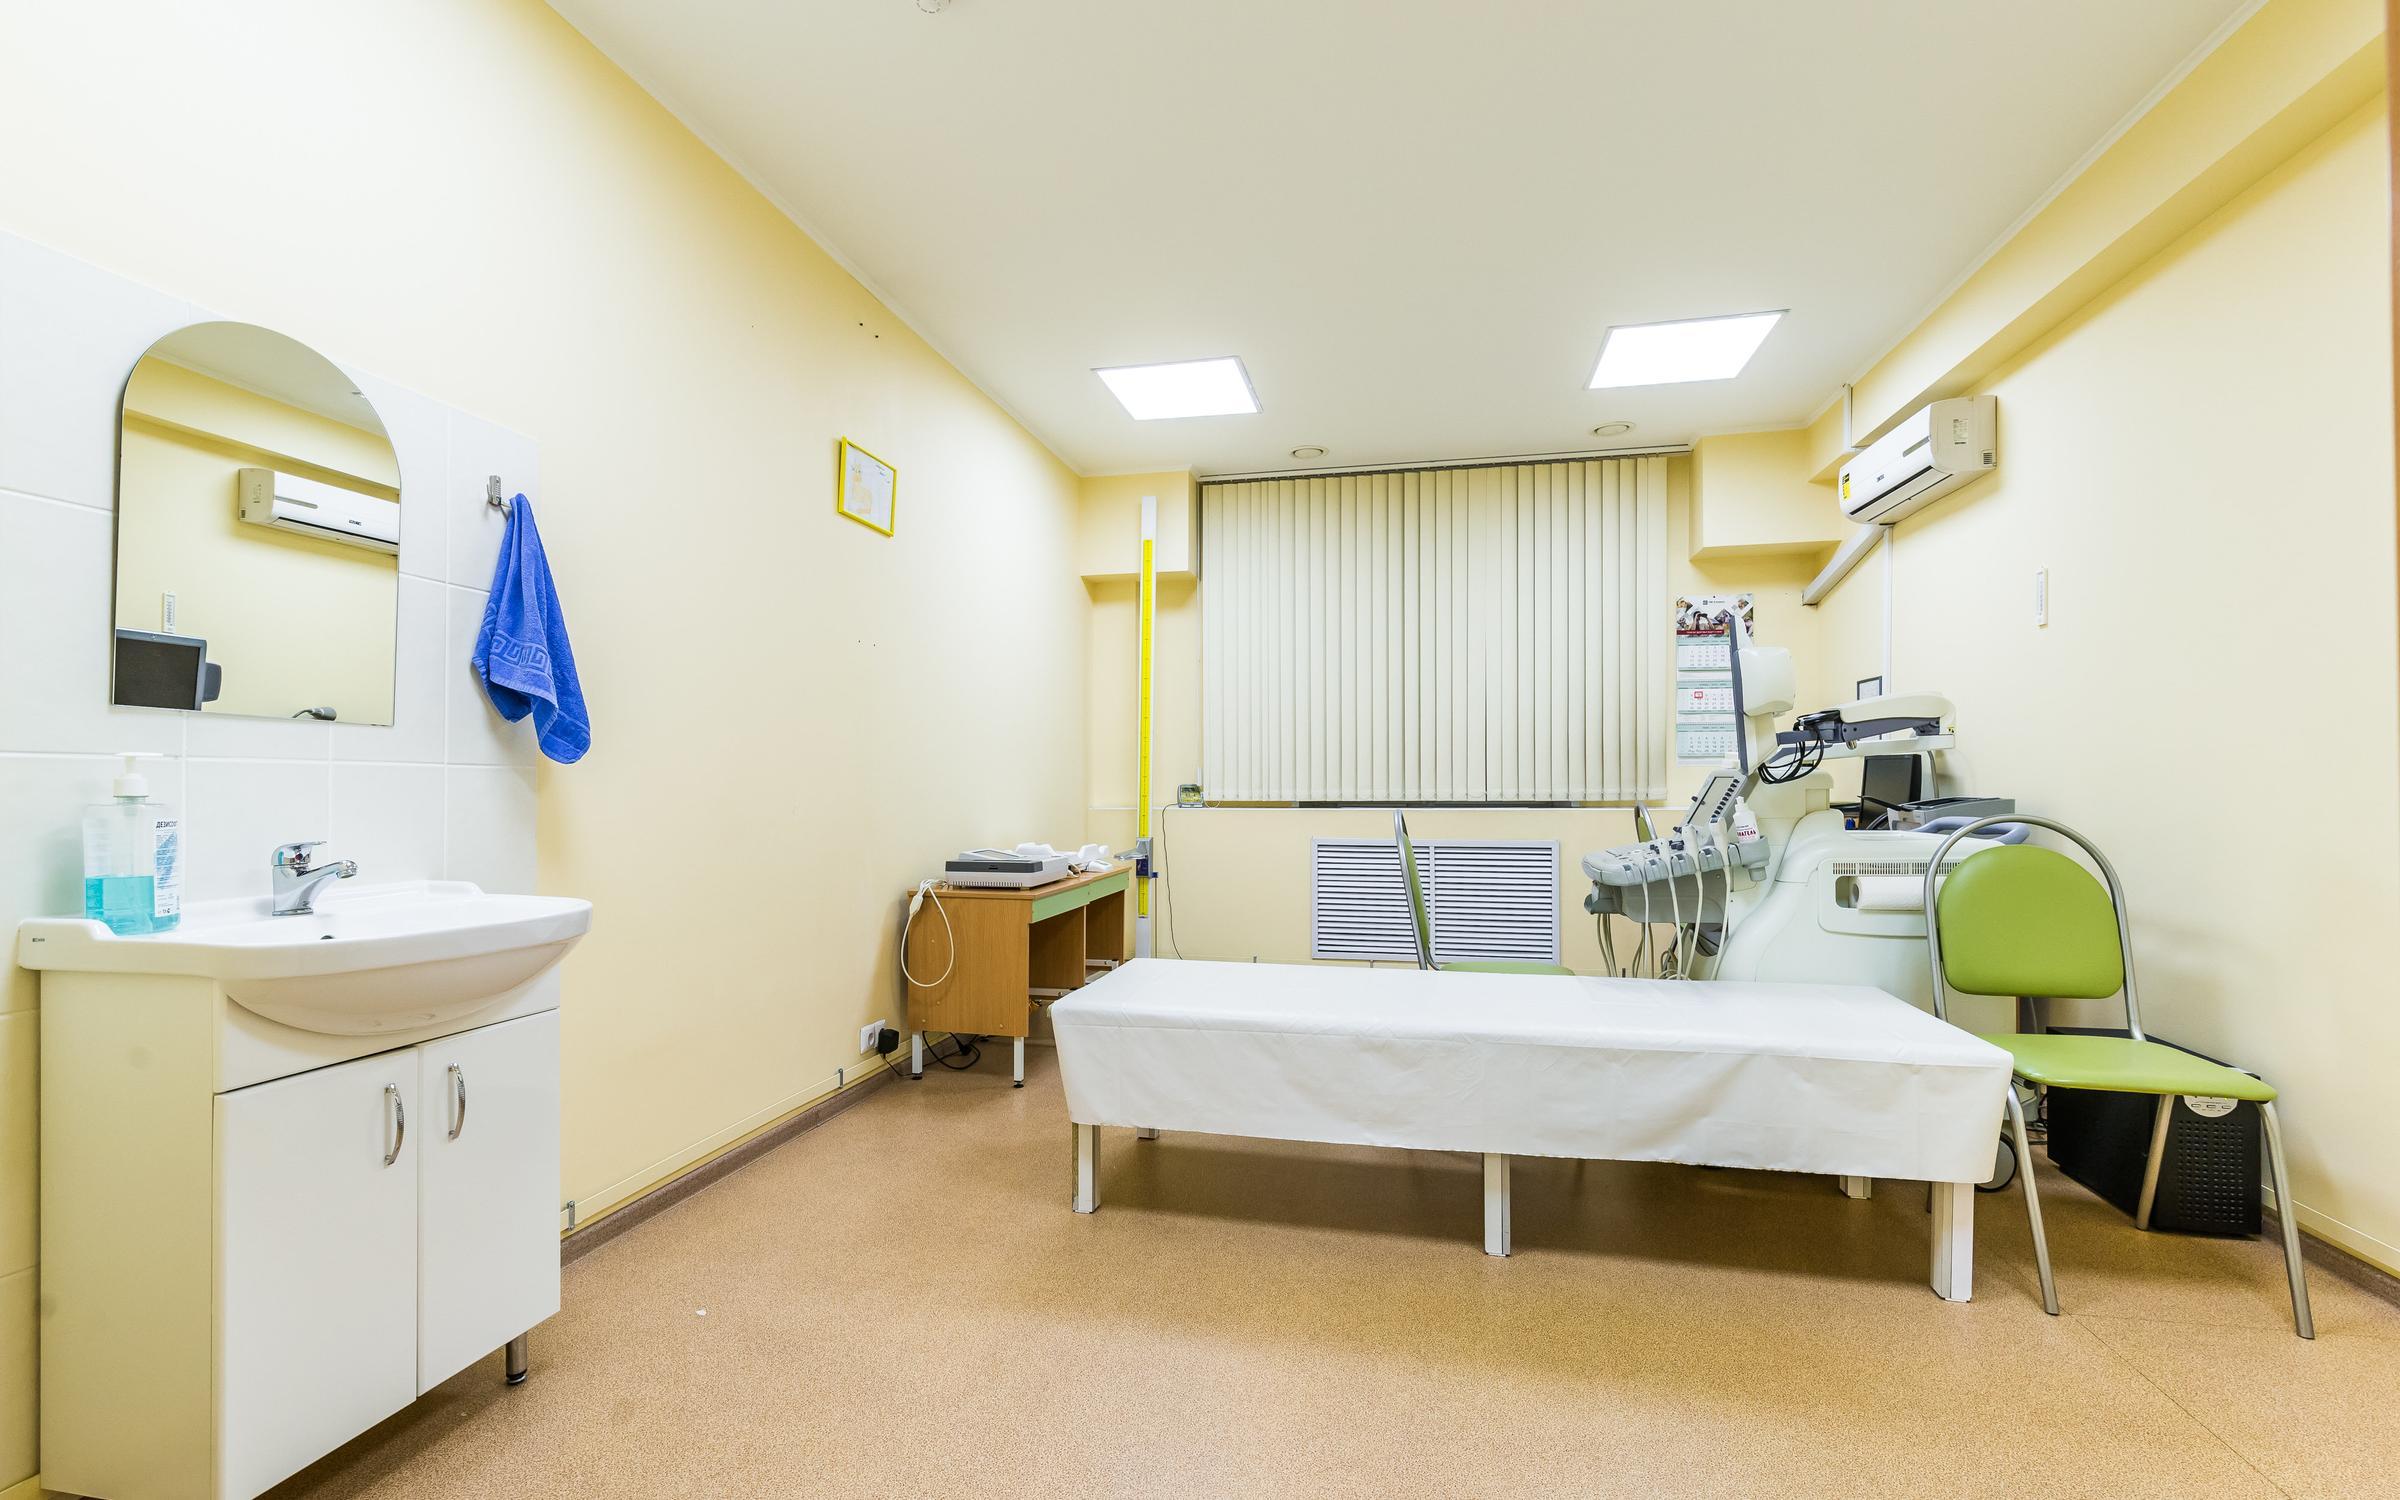 Филатовская детская больница зуева